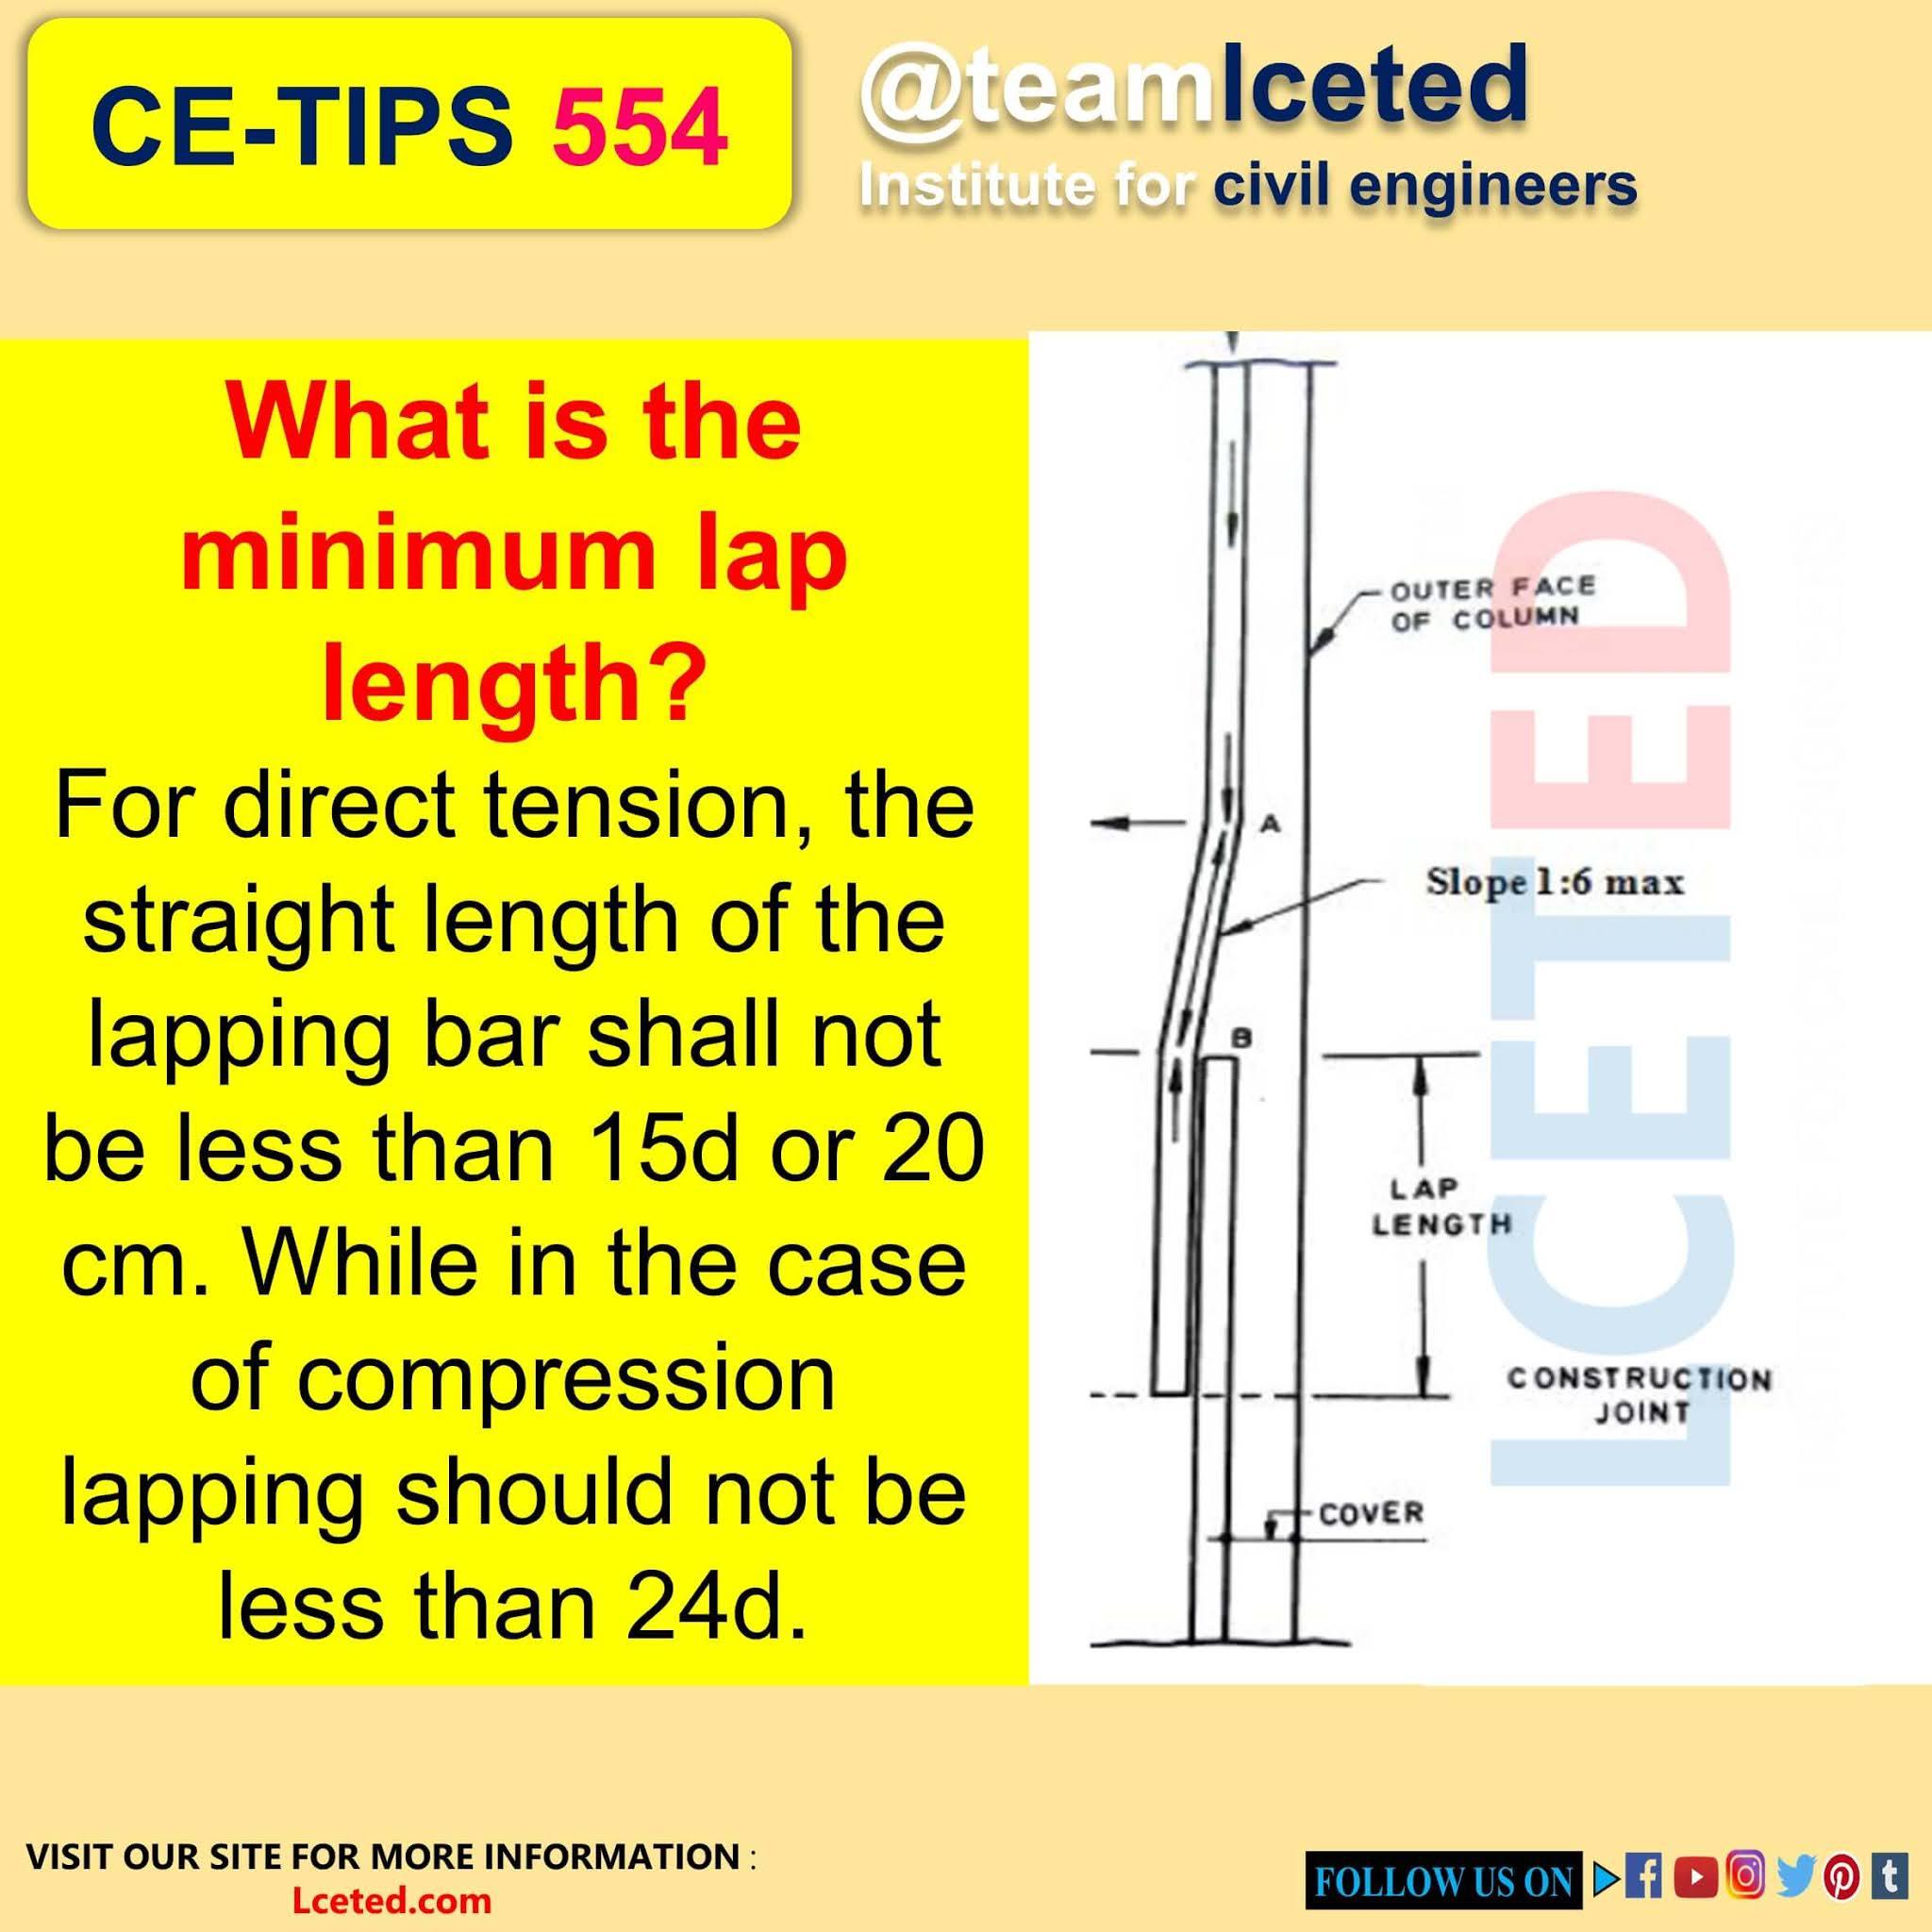 Minimum lap length